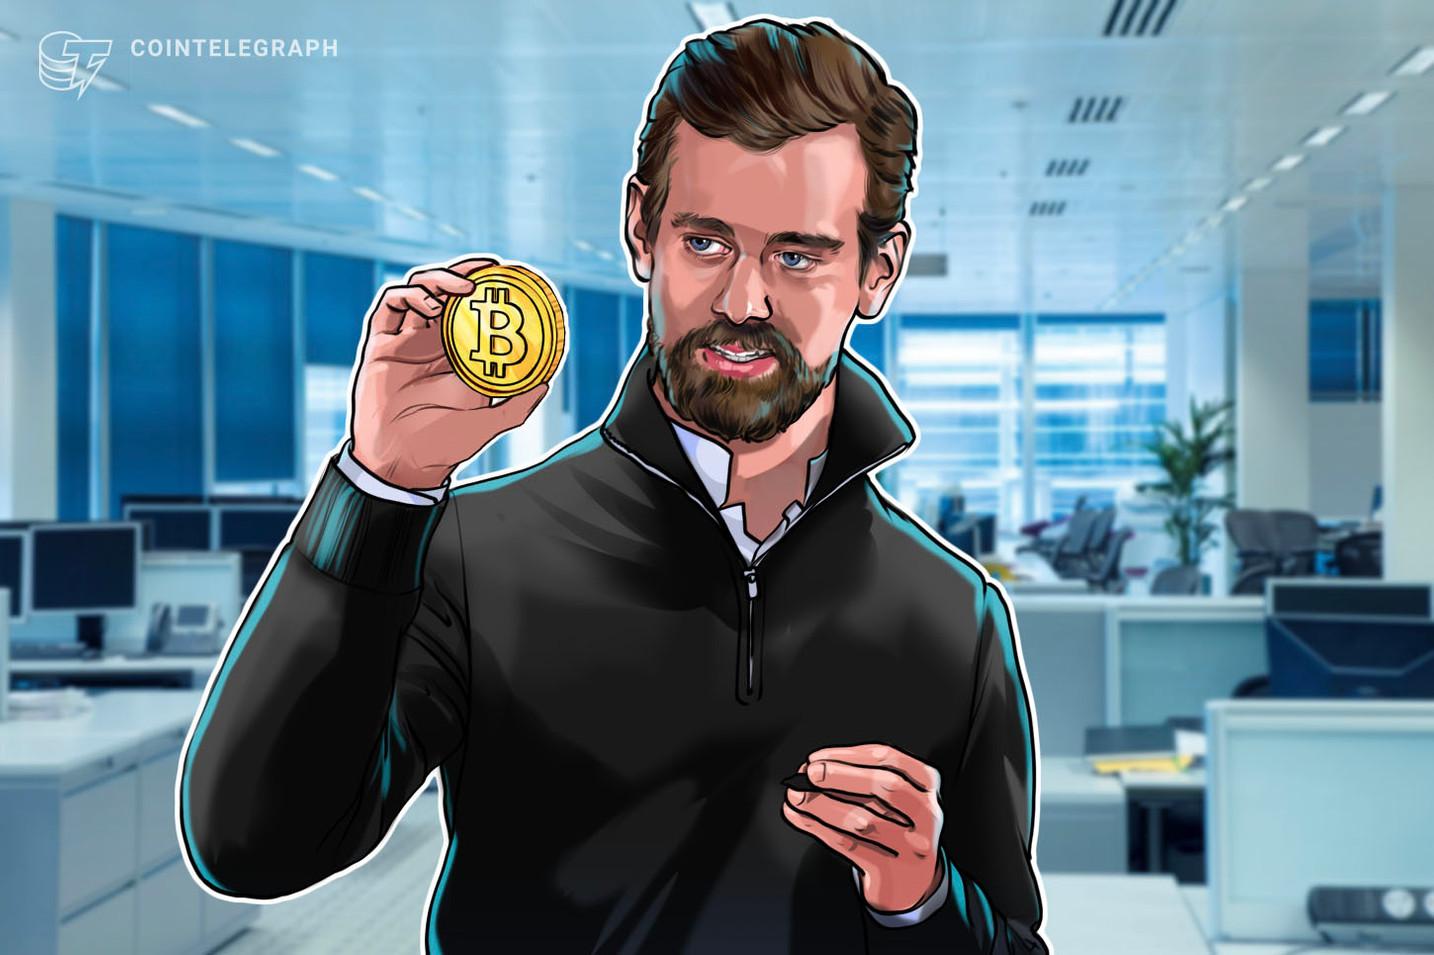 El CEO de Square, Jack Dorsey, dice que Bitcoin no es funcional como moneda, por ahora